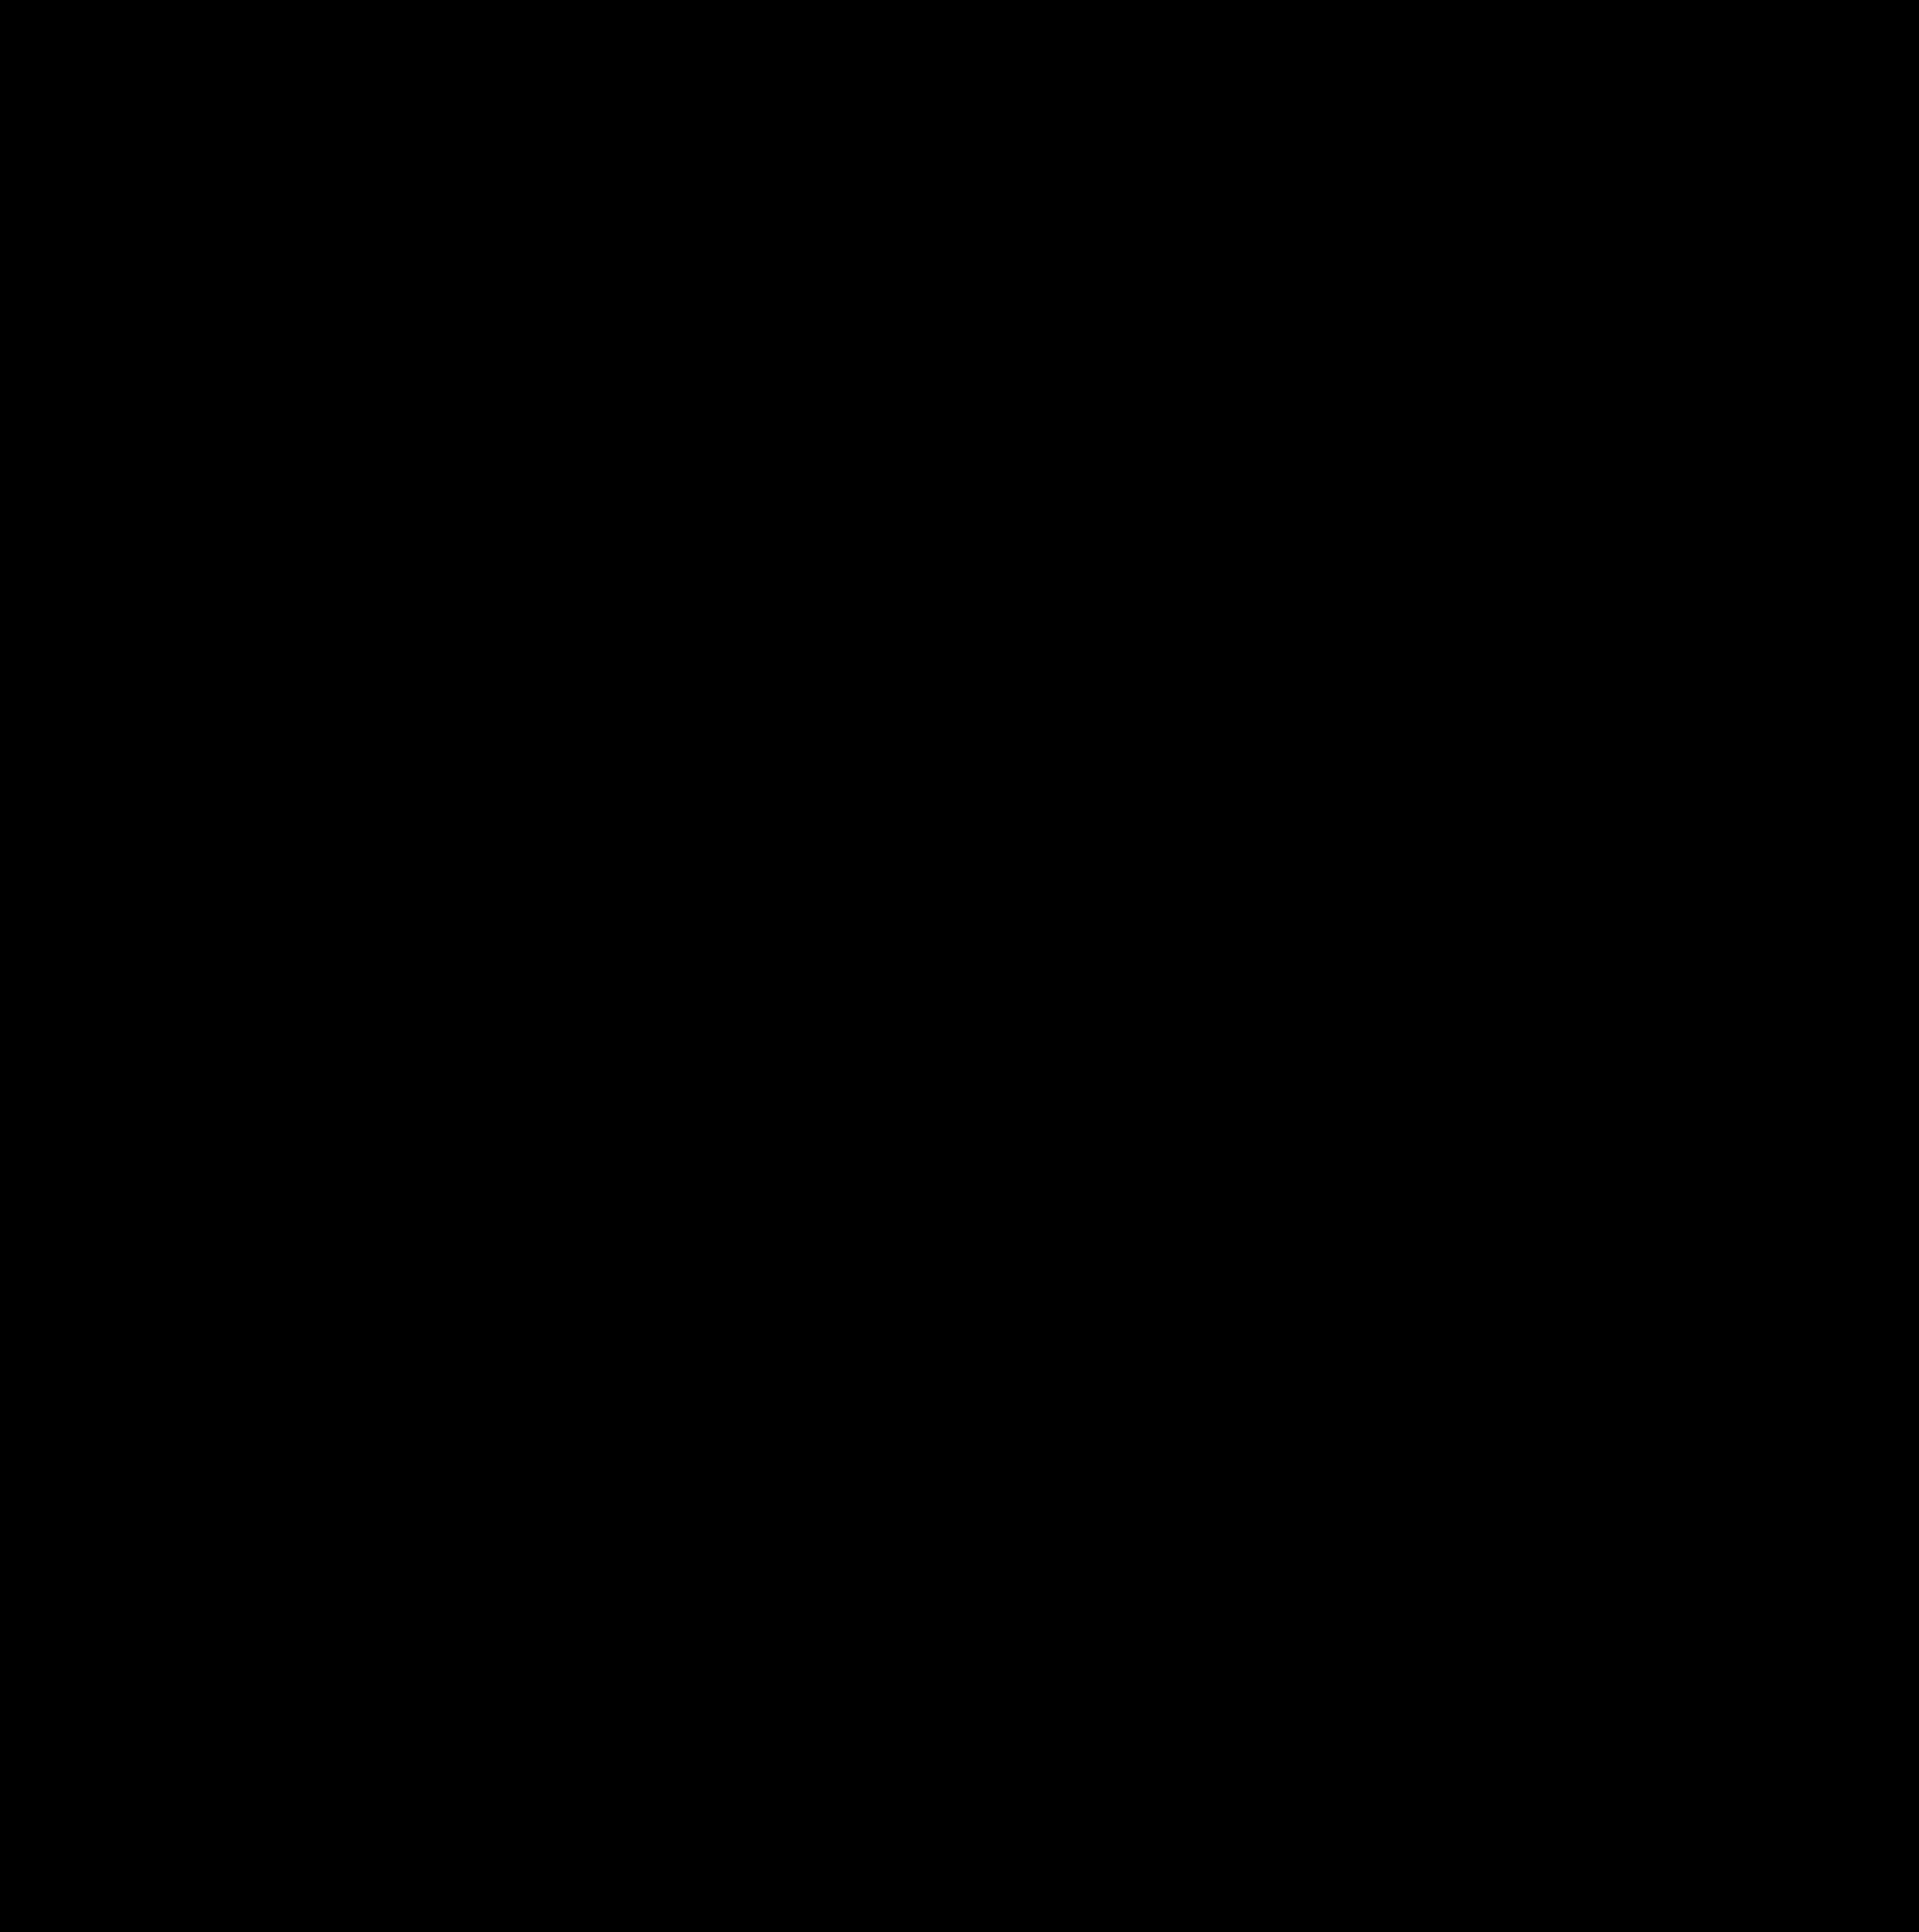 Oplatky z Litovle, obrázek se otevře v novém okně